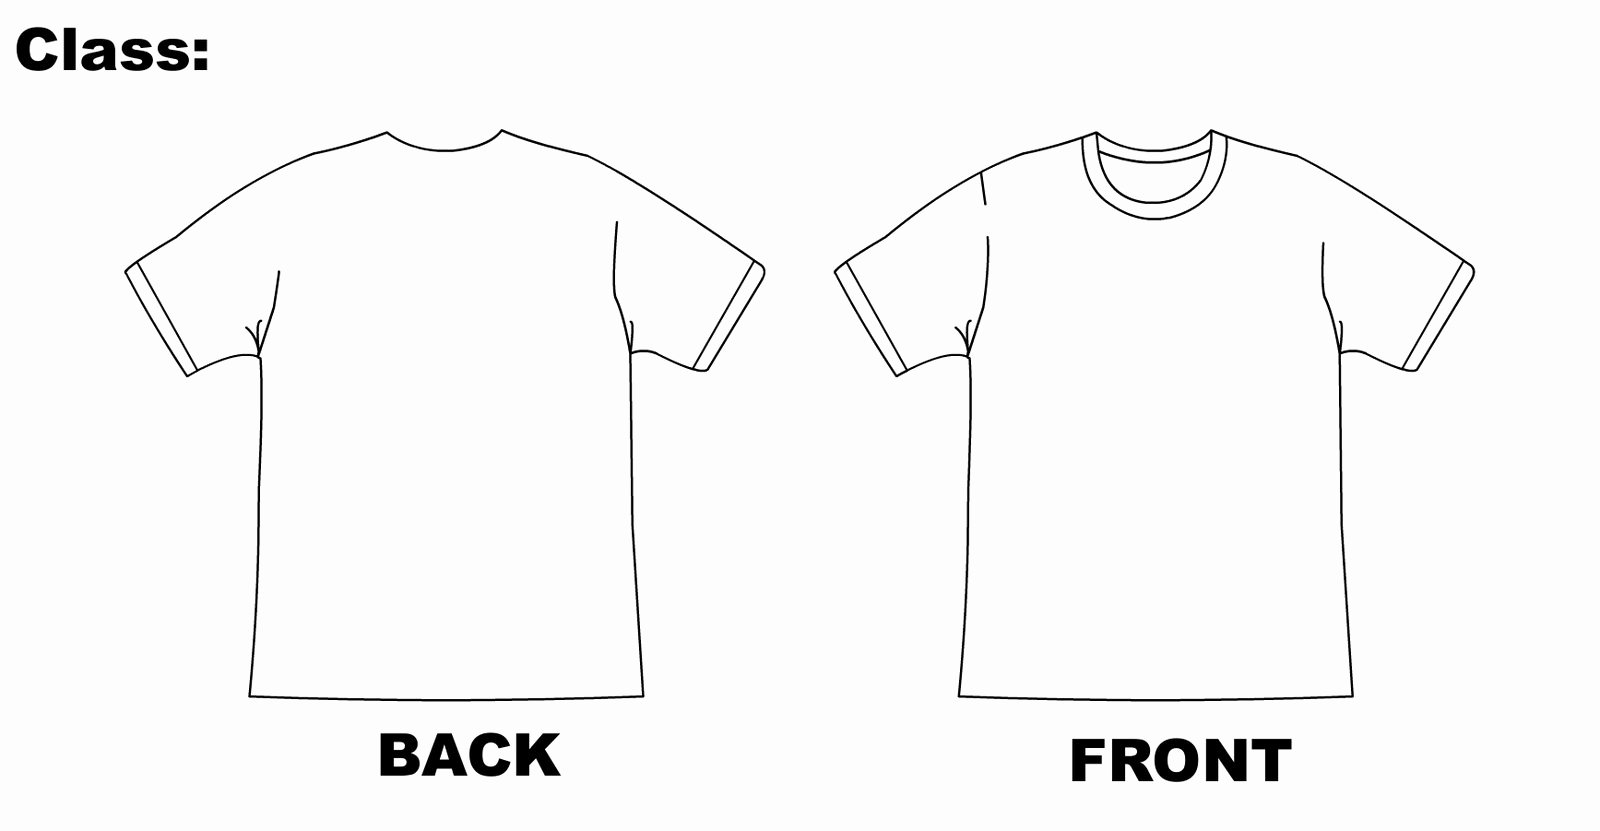 T Shirt Website Template Inspirational T Shirt Design Website Templates Bing Images